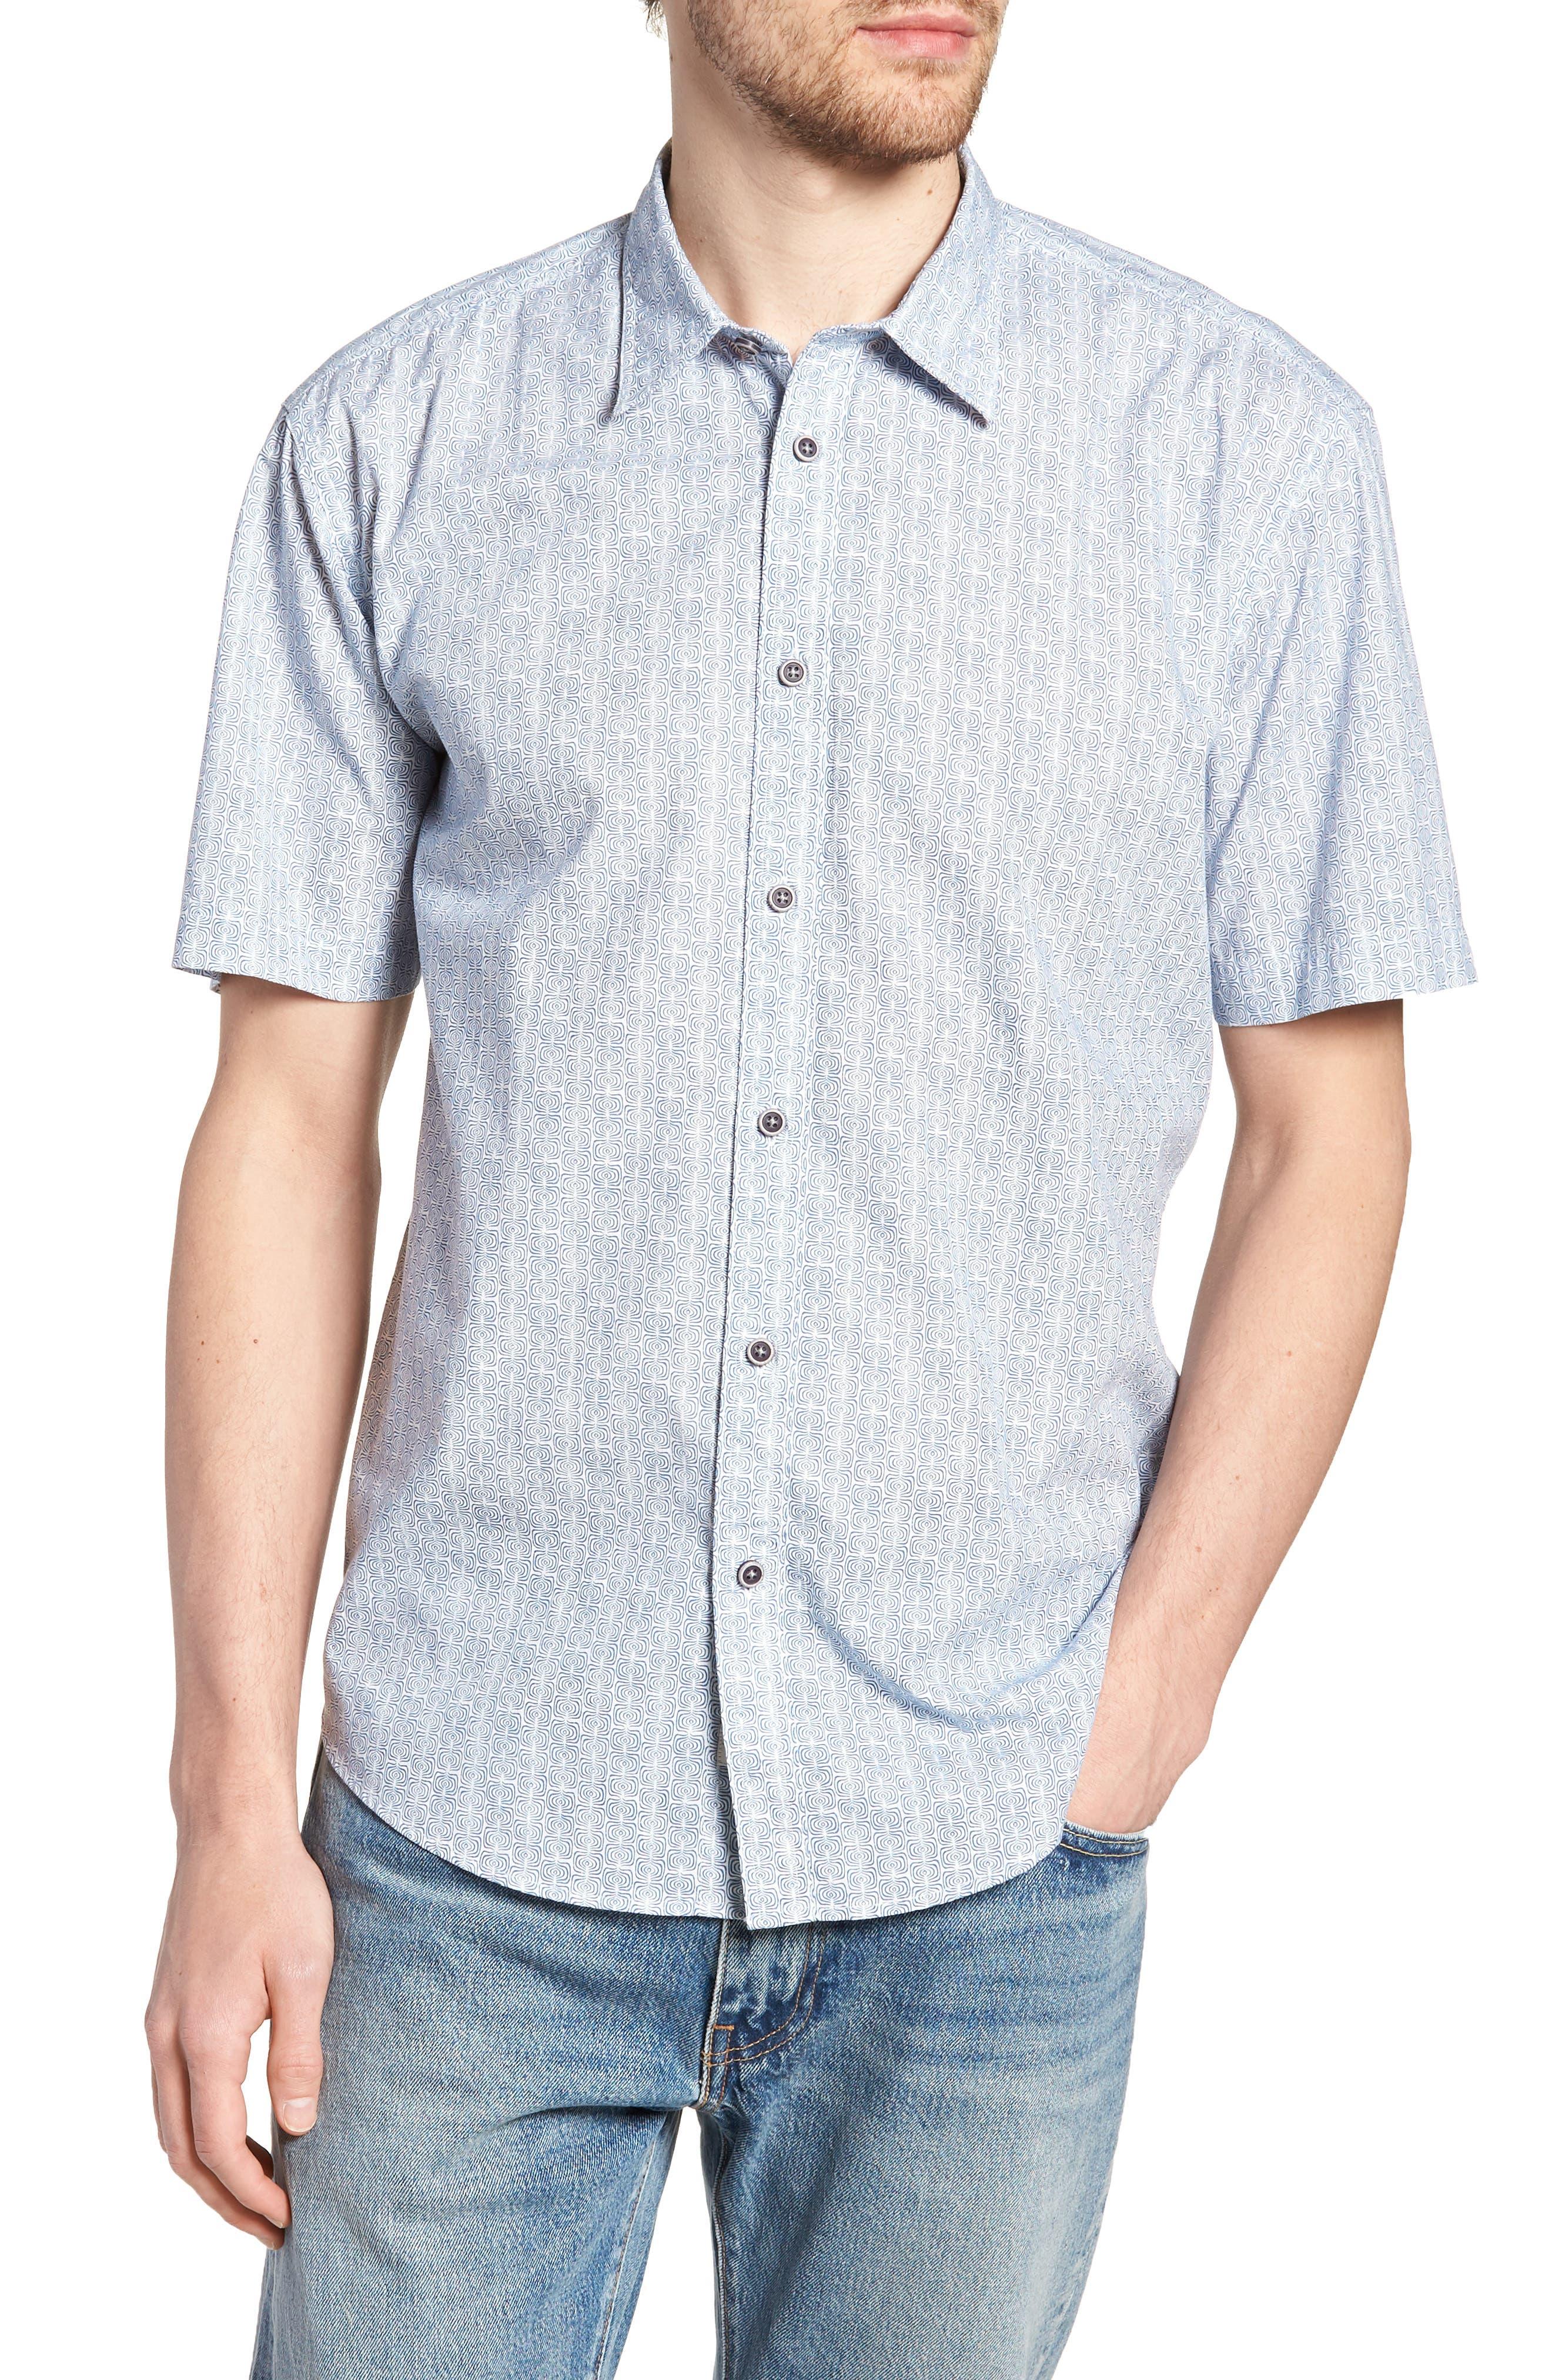 Jacurre Regular Fit Short Sleeve Sport Shirt,                         Main,                         color, 462